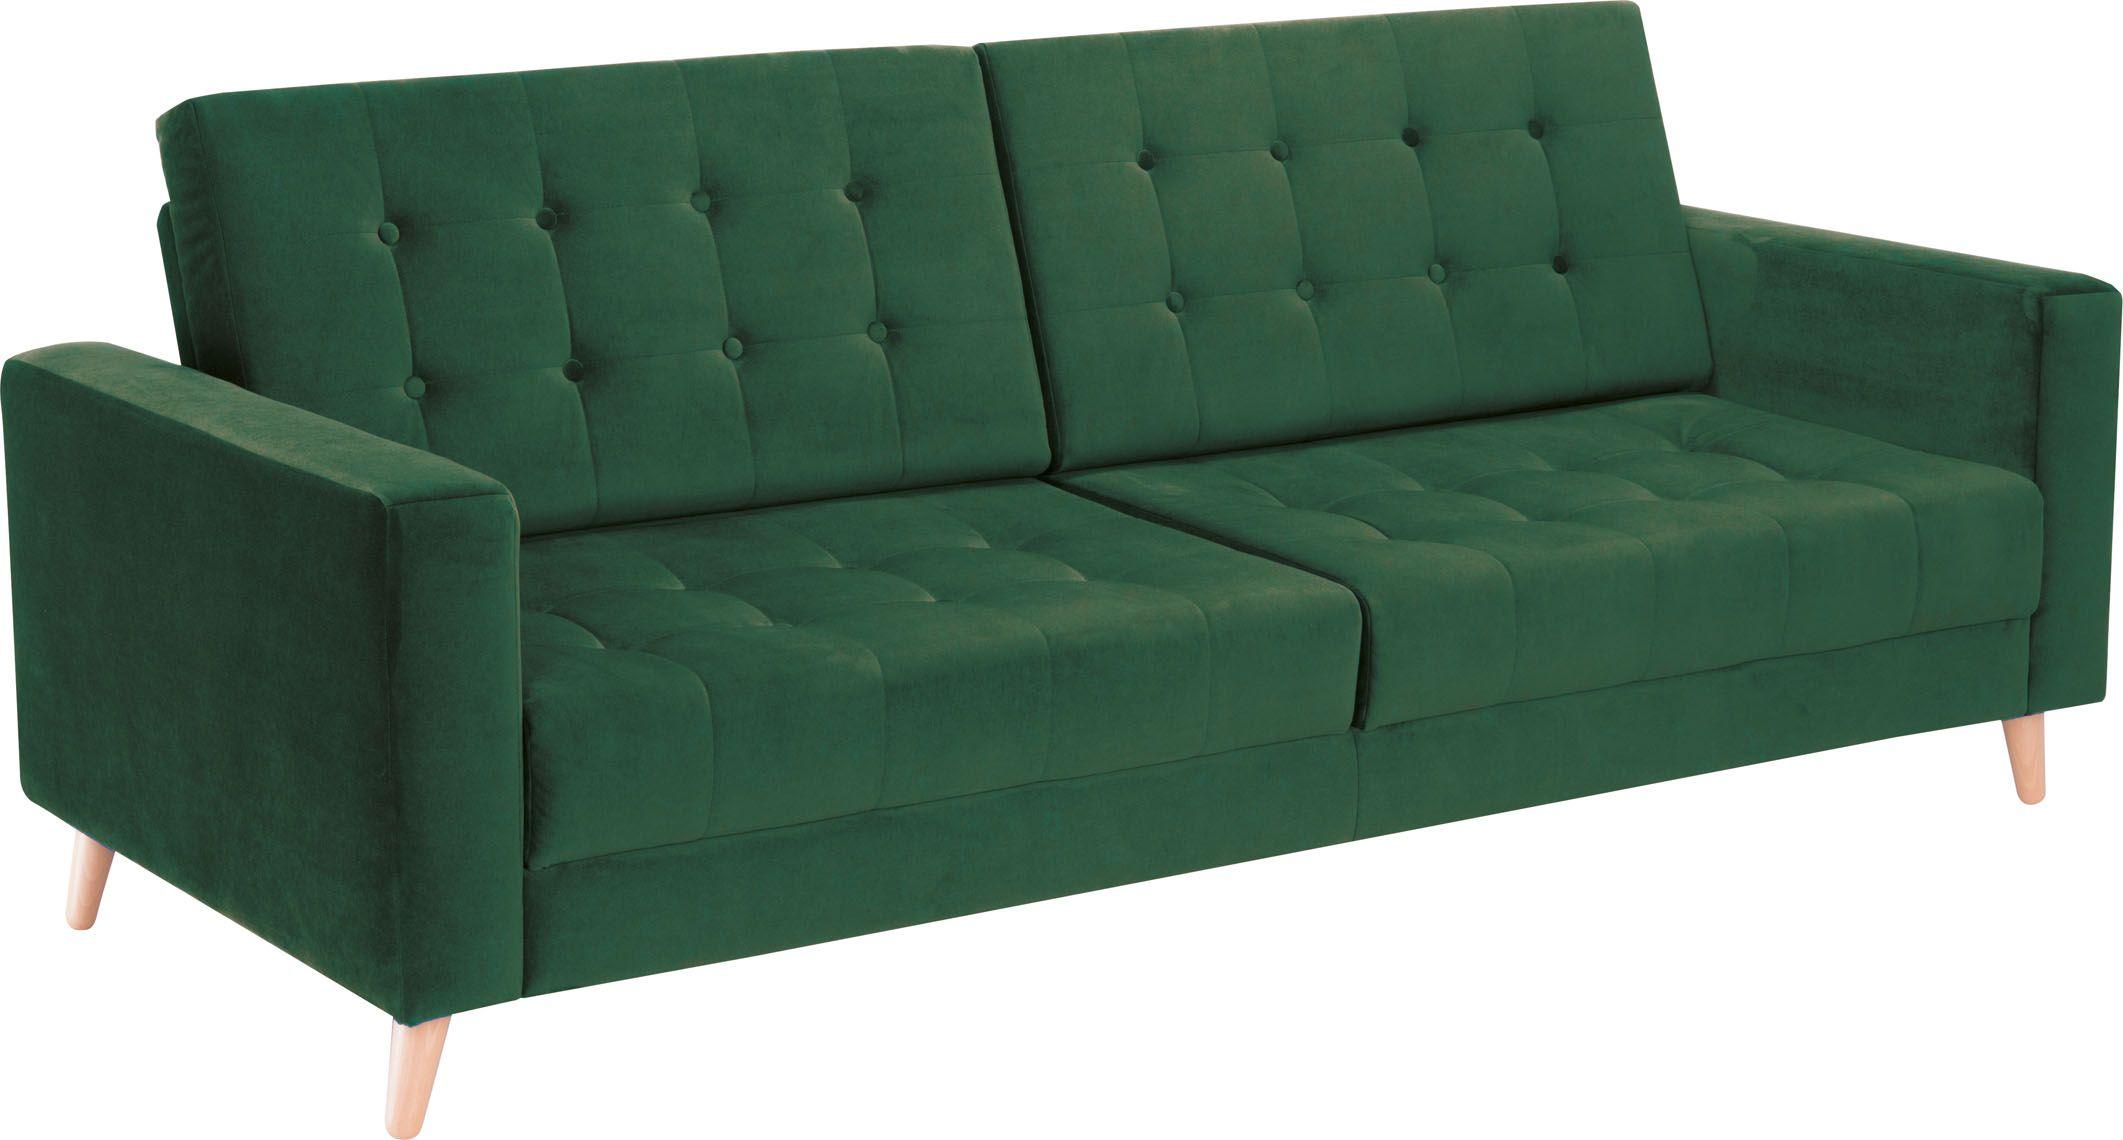 Sofa 3 Osobowa Z Funkcją Spania Piqu Wnętrza Dekoracje